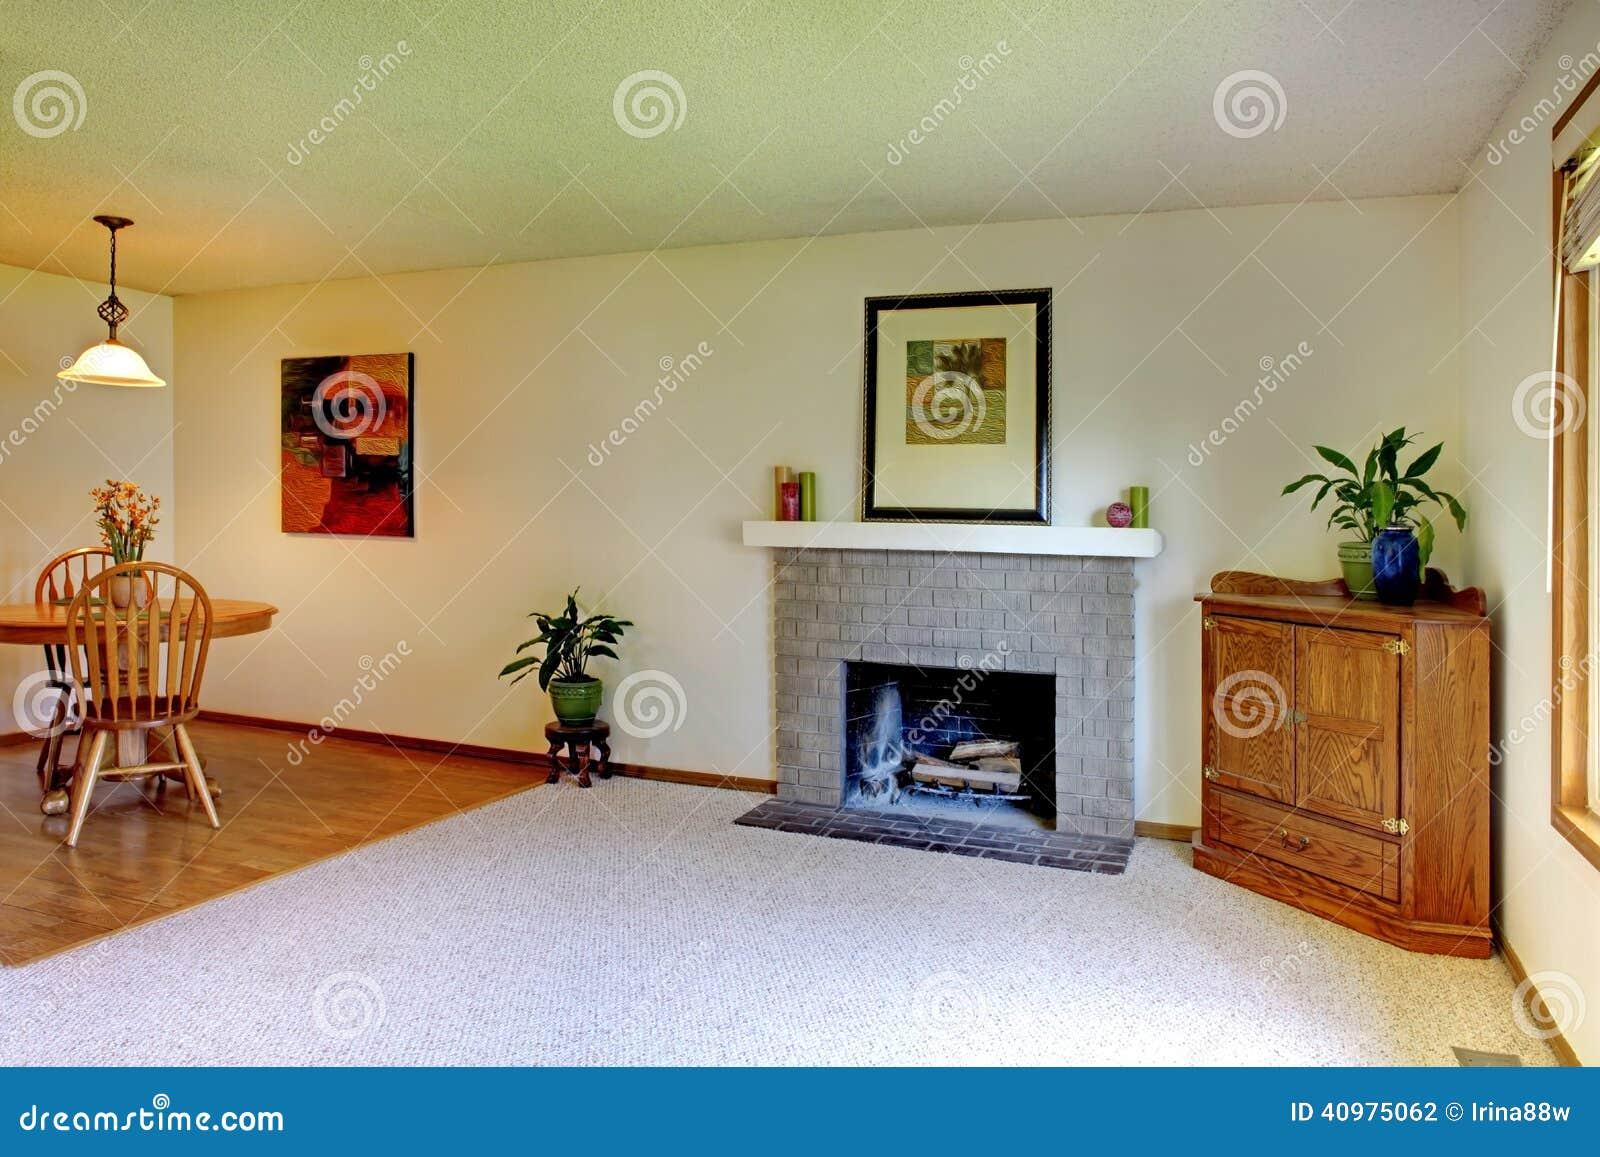 Kleines Wohnzimmer Mit Kamin Stockfoto Bild Von Antike Teppich